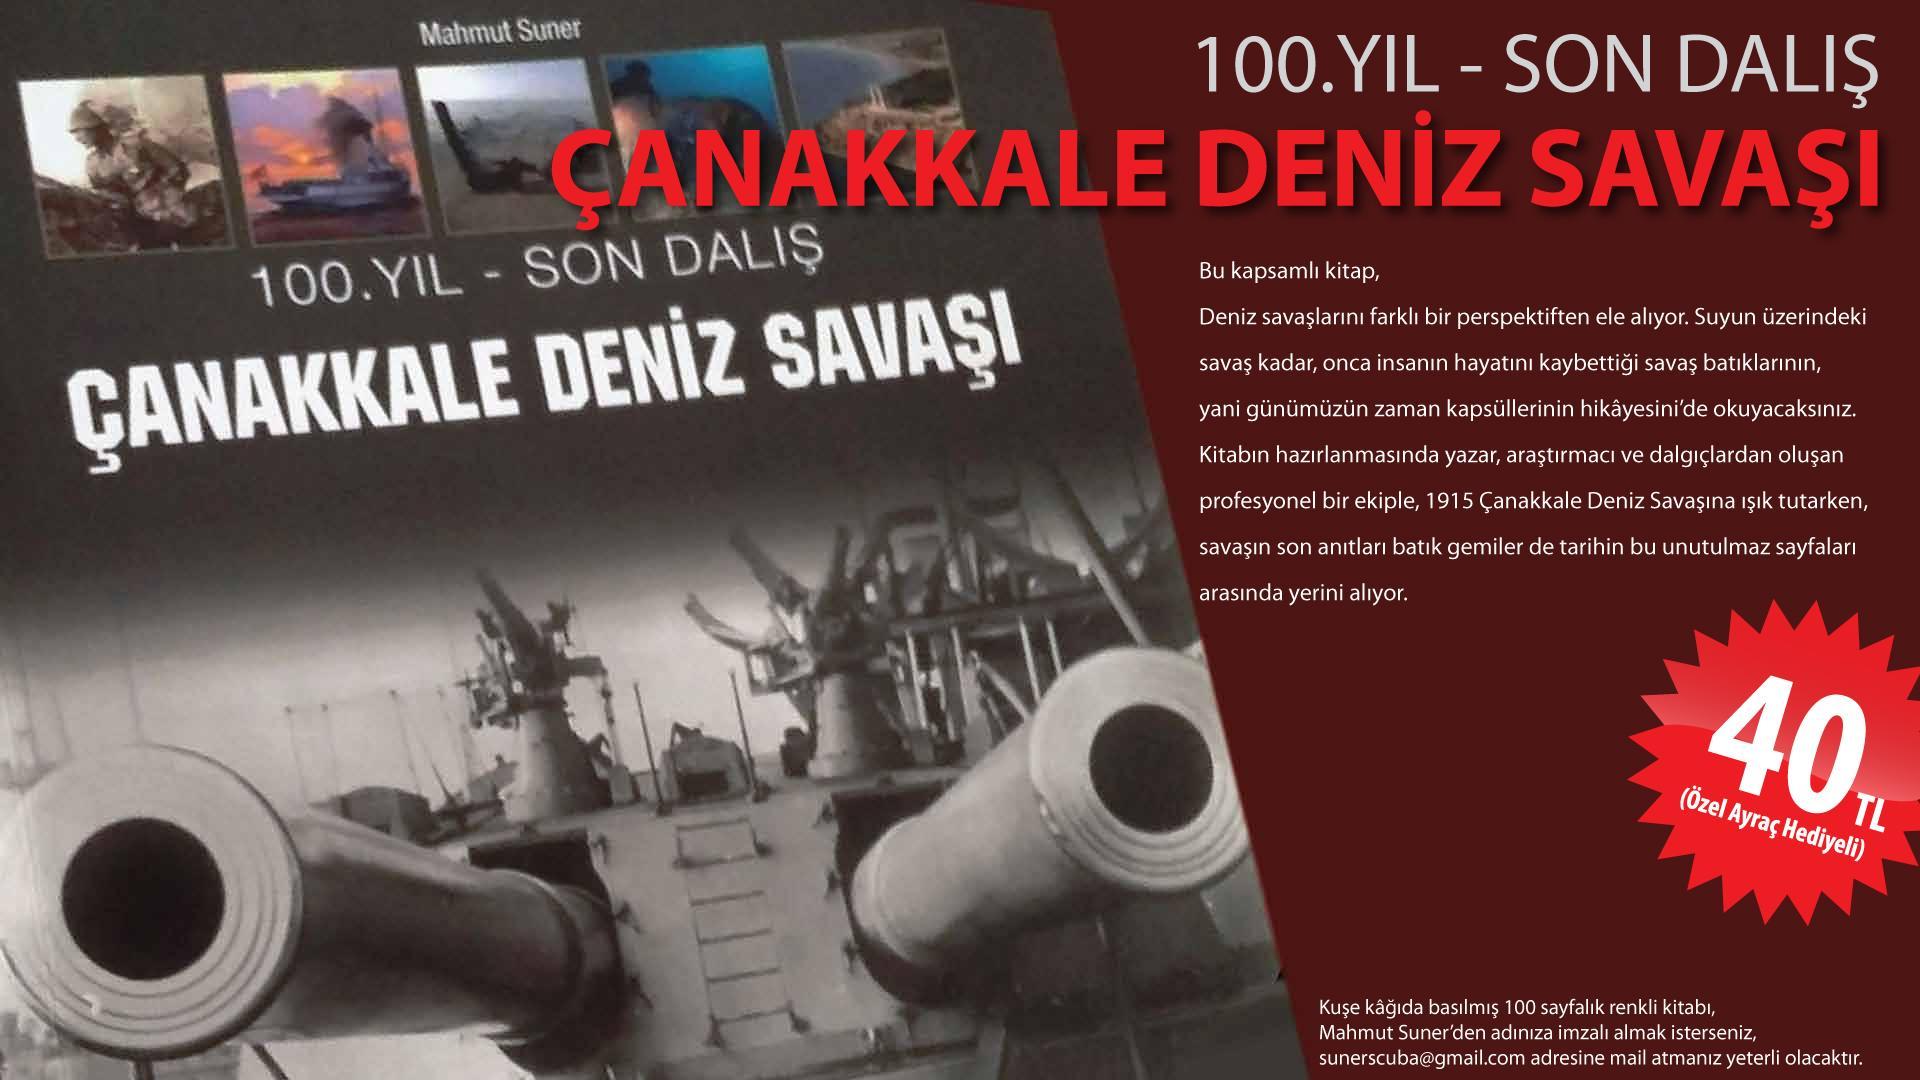 Photo of Kitap : Çanakkale Deniz Savaşı 100.Yıl Son Dalış